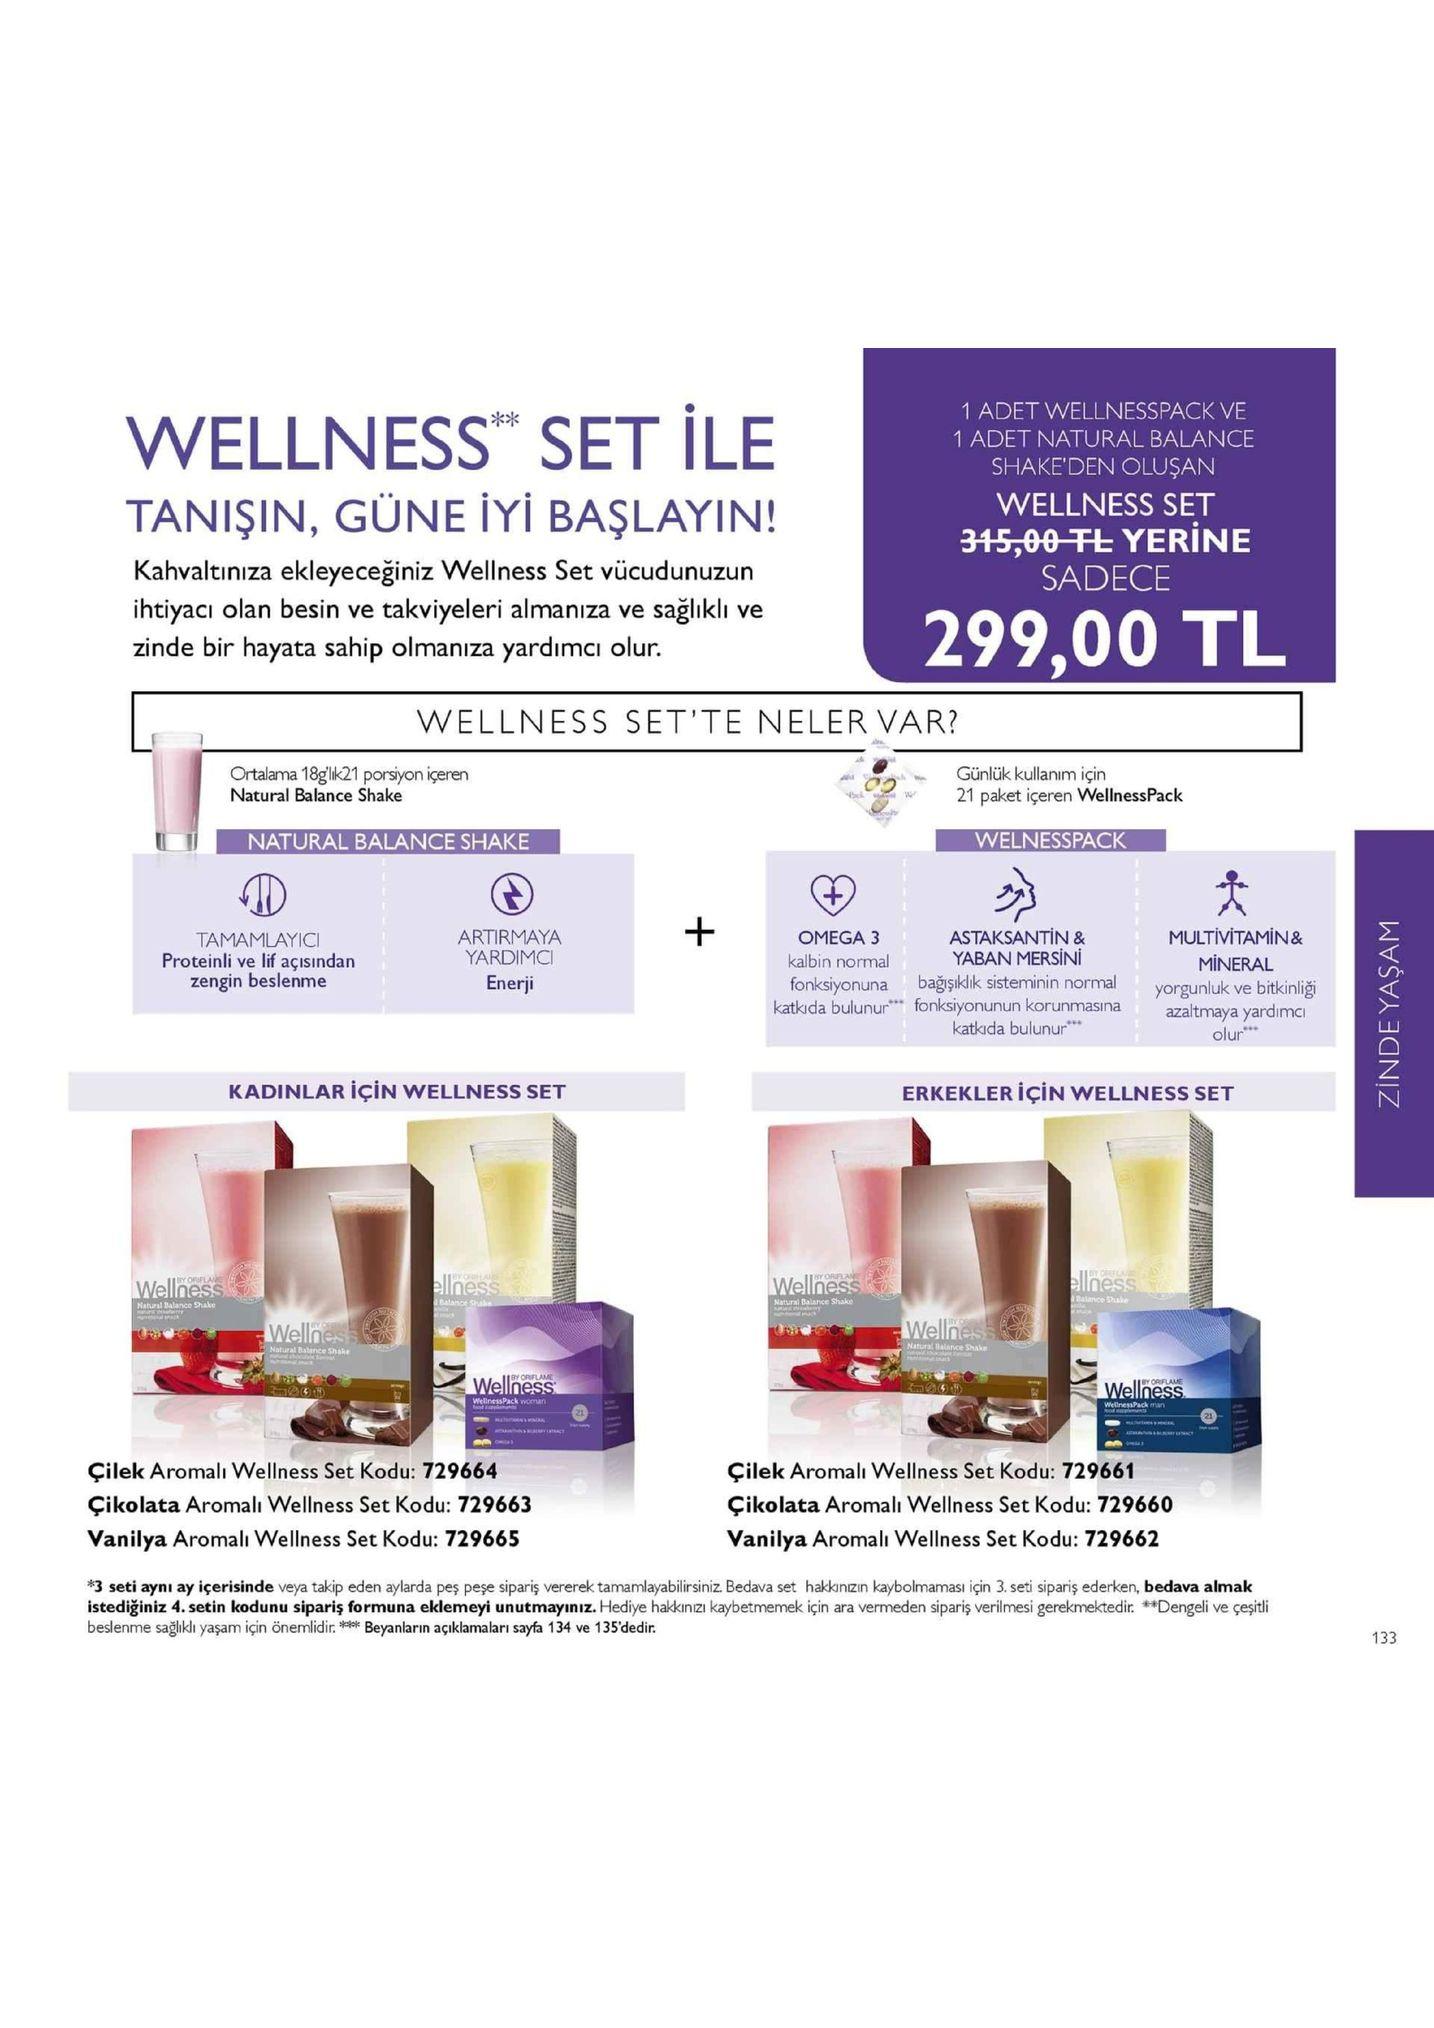 """1 adet wellnesspack ve 1 adet natural balance shake'den oluşan wellness set 345,00 -fl yerine sadece kx wellness set ile tanişin, güne iyi başlayin! kahvaltınıza ekleyeceğiniz wellness set vücudunuzun ihtiyacı olan besin ve takviyeleri almaniza ve sağlıklı ve zinde bir hayata sahip olmanıza yardımcı olur. 299,00 tl wellness set'te neler var? ortalama 18glik21 porsiyon içeren natural balance shake günlük kullanım için 21 paket içeren wellnesspack natural balance shake welnesspack artirmaya yardimo enerji omega3 kalbin normal multivitamin& mineral yorgunluk ve bitkinliği as tamamlayici proteinli ve lif açısindan zengin beslenme taksantin & yaban mersini ka fonksiyonuna bağşiklik sisteminin normal katkda bulunur fonksiyonunun korunmasina azaltmaya yardimc katkıda bulunur olur kadinlar için wellness set erkekler için wellness set by orfiae y orif y orifla l balanico shake natural balance shake natural balance shake natural balarce shake natural batance shake by or flame by or flame çilek aromali wellness set kodu: 729664 çikolata aromali wellness set kodu: 729663 vanilya aromali wellness set kodu: 729665 çilek aromali wellness set kodu: 729661 çikolata aromali wellness set kodu: 729660 vanilya aromalı wellness set kodu: 729662 3 seti aynı ay içerisinde veya takip eden aylarda pes peşe sipariş vererek tamamlayabilirsiniz. bedava set hakkinzın kaybolmamasi için 3. seti sipariş ederken, bedava almak istediginiz 4 setin kodunu sipariş formuna eklemeyi unutmayiniz. hediye ha inizi kaybetmemek için ara vermeden sipariş verilmesi gerekmektedir. """"dengeli ve çeşitli beslenme sağlıklı yaşam için önemlidirbeyanlarin açiklamaları sayfa 134 ve 135'dedir."""